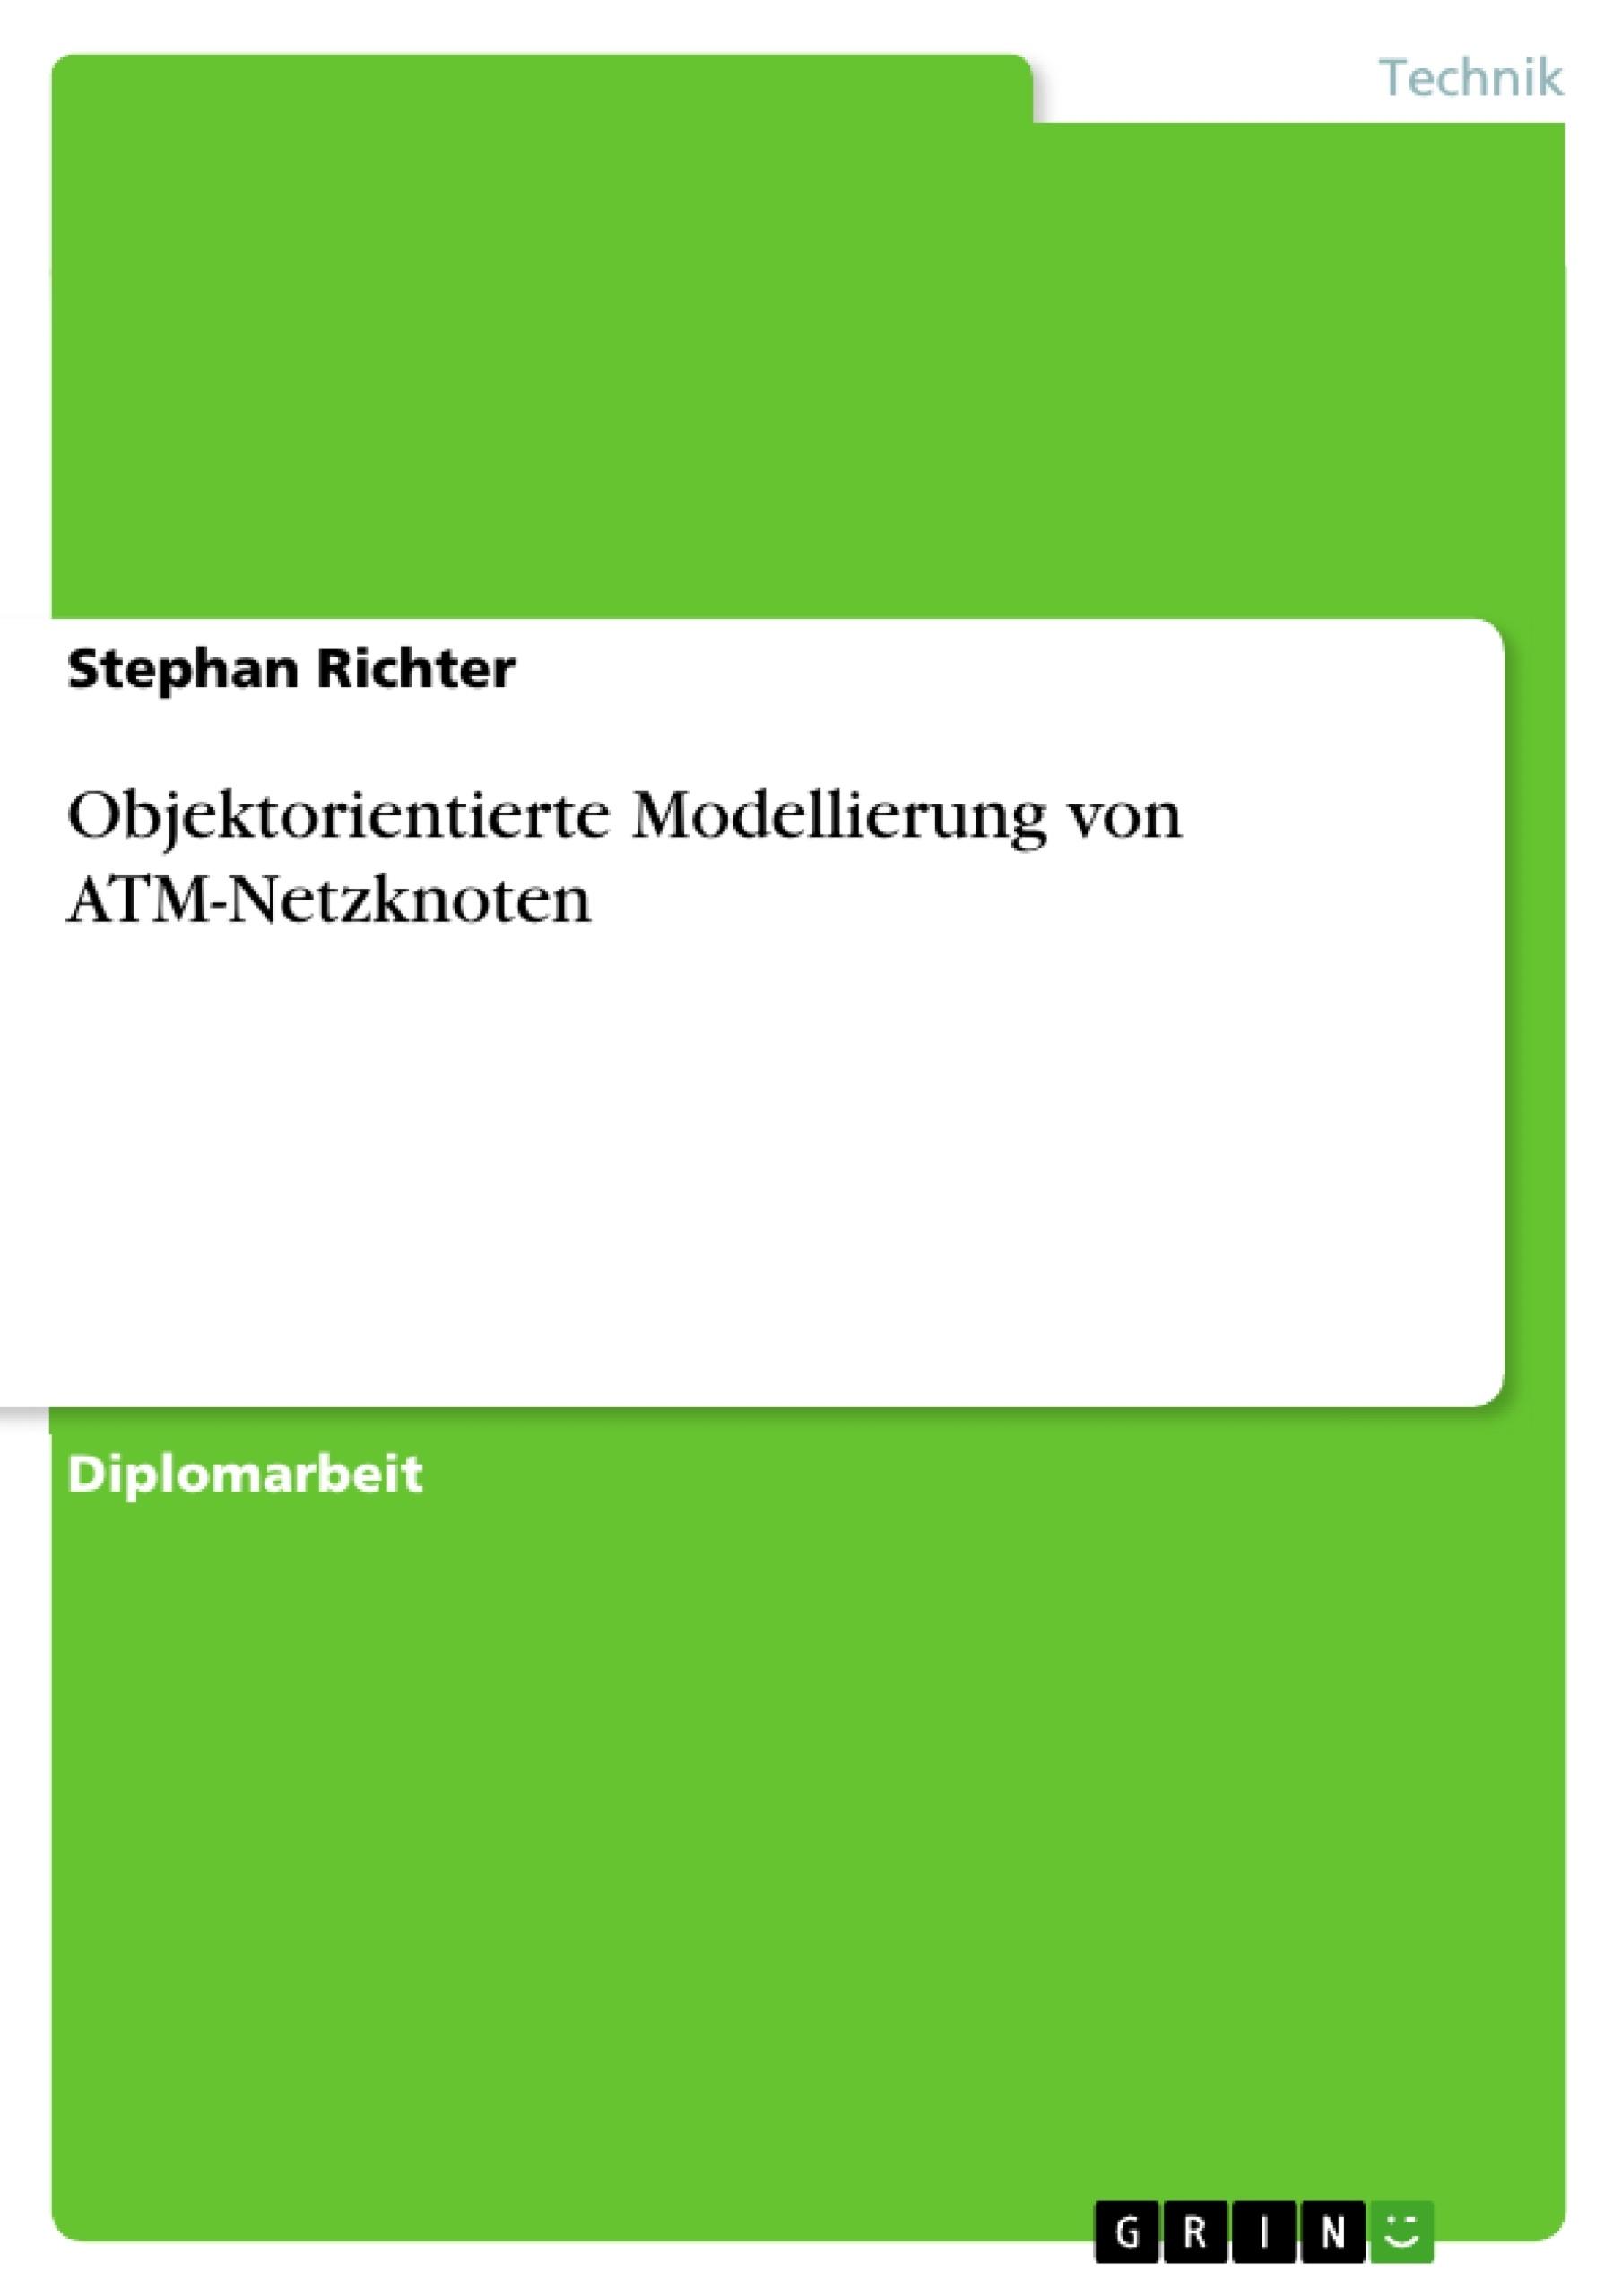 Titel: Objektorientierte Modellierung von ATM-Netzknoten